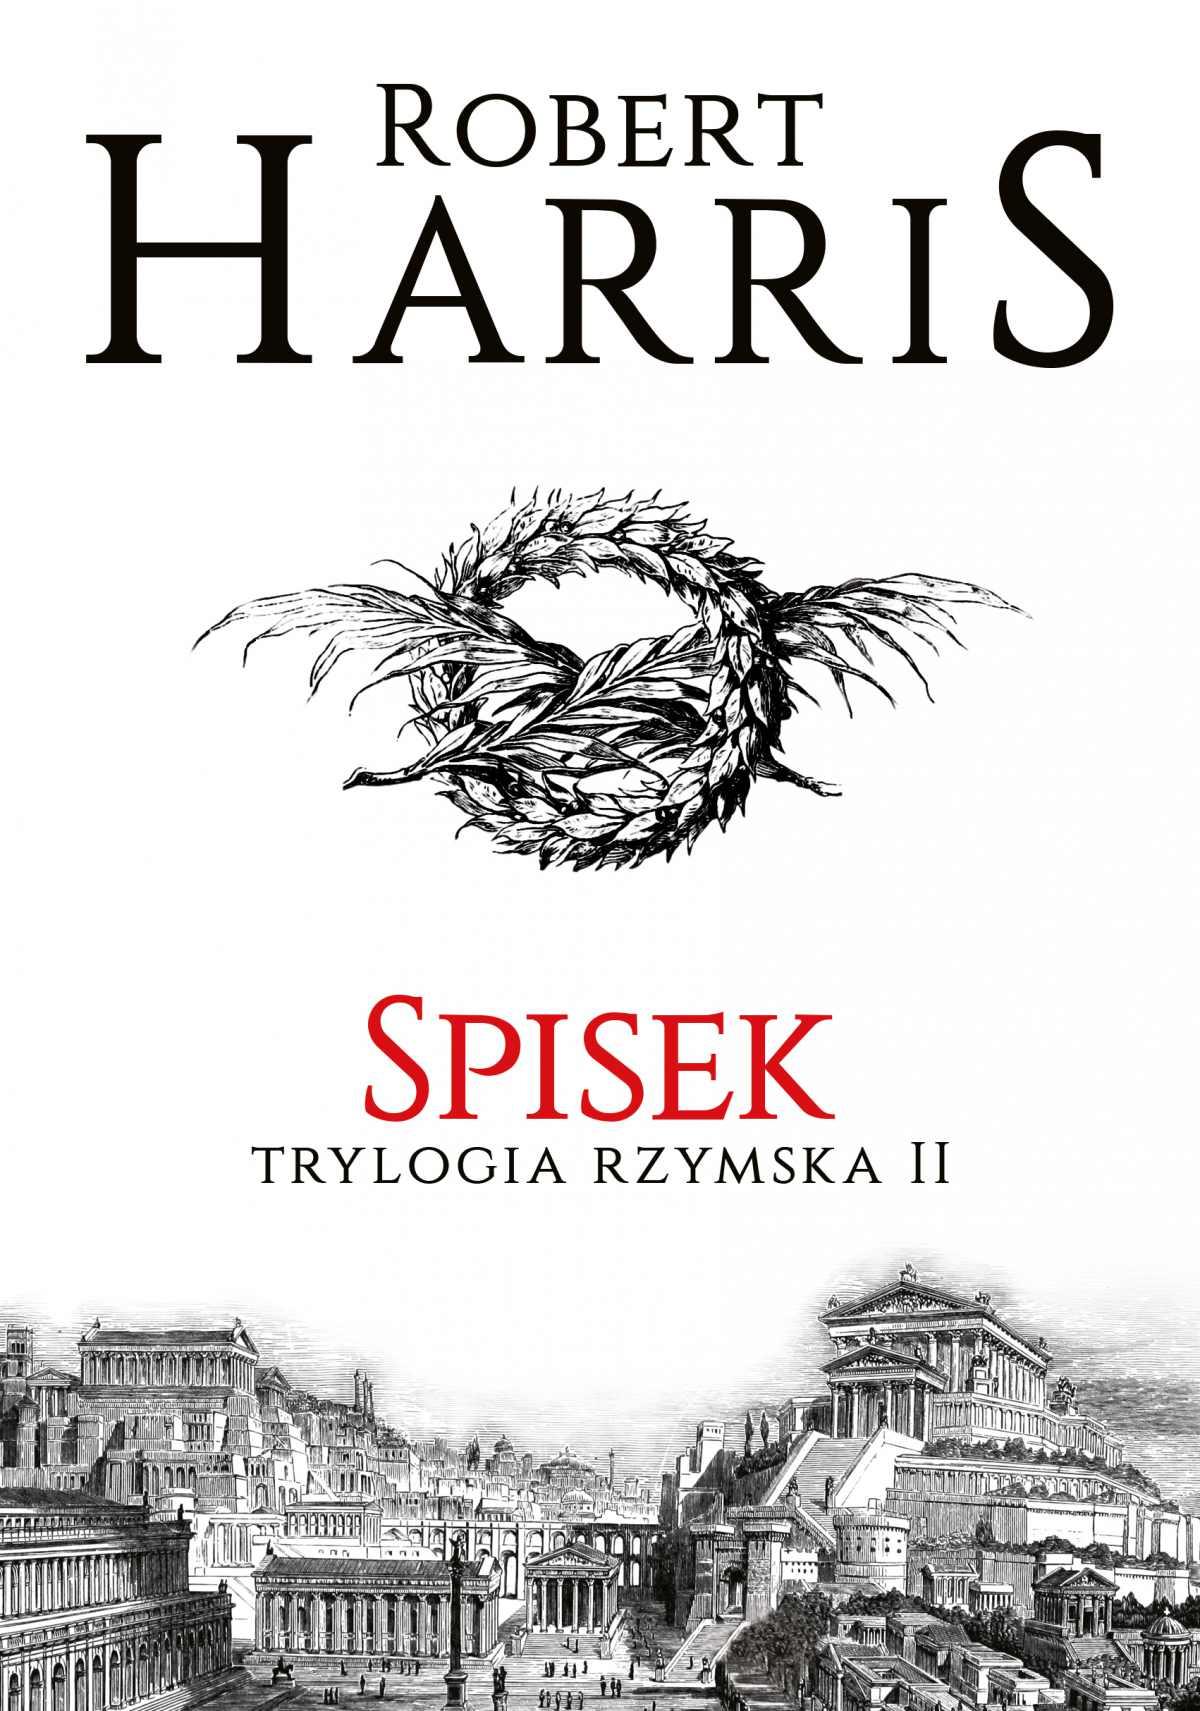 Spisek. Trylogia rzymska II - Ebook (Książka na Kindle) do pobrania w formacie MOBI